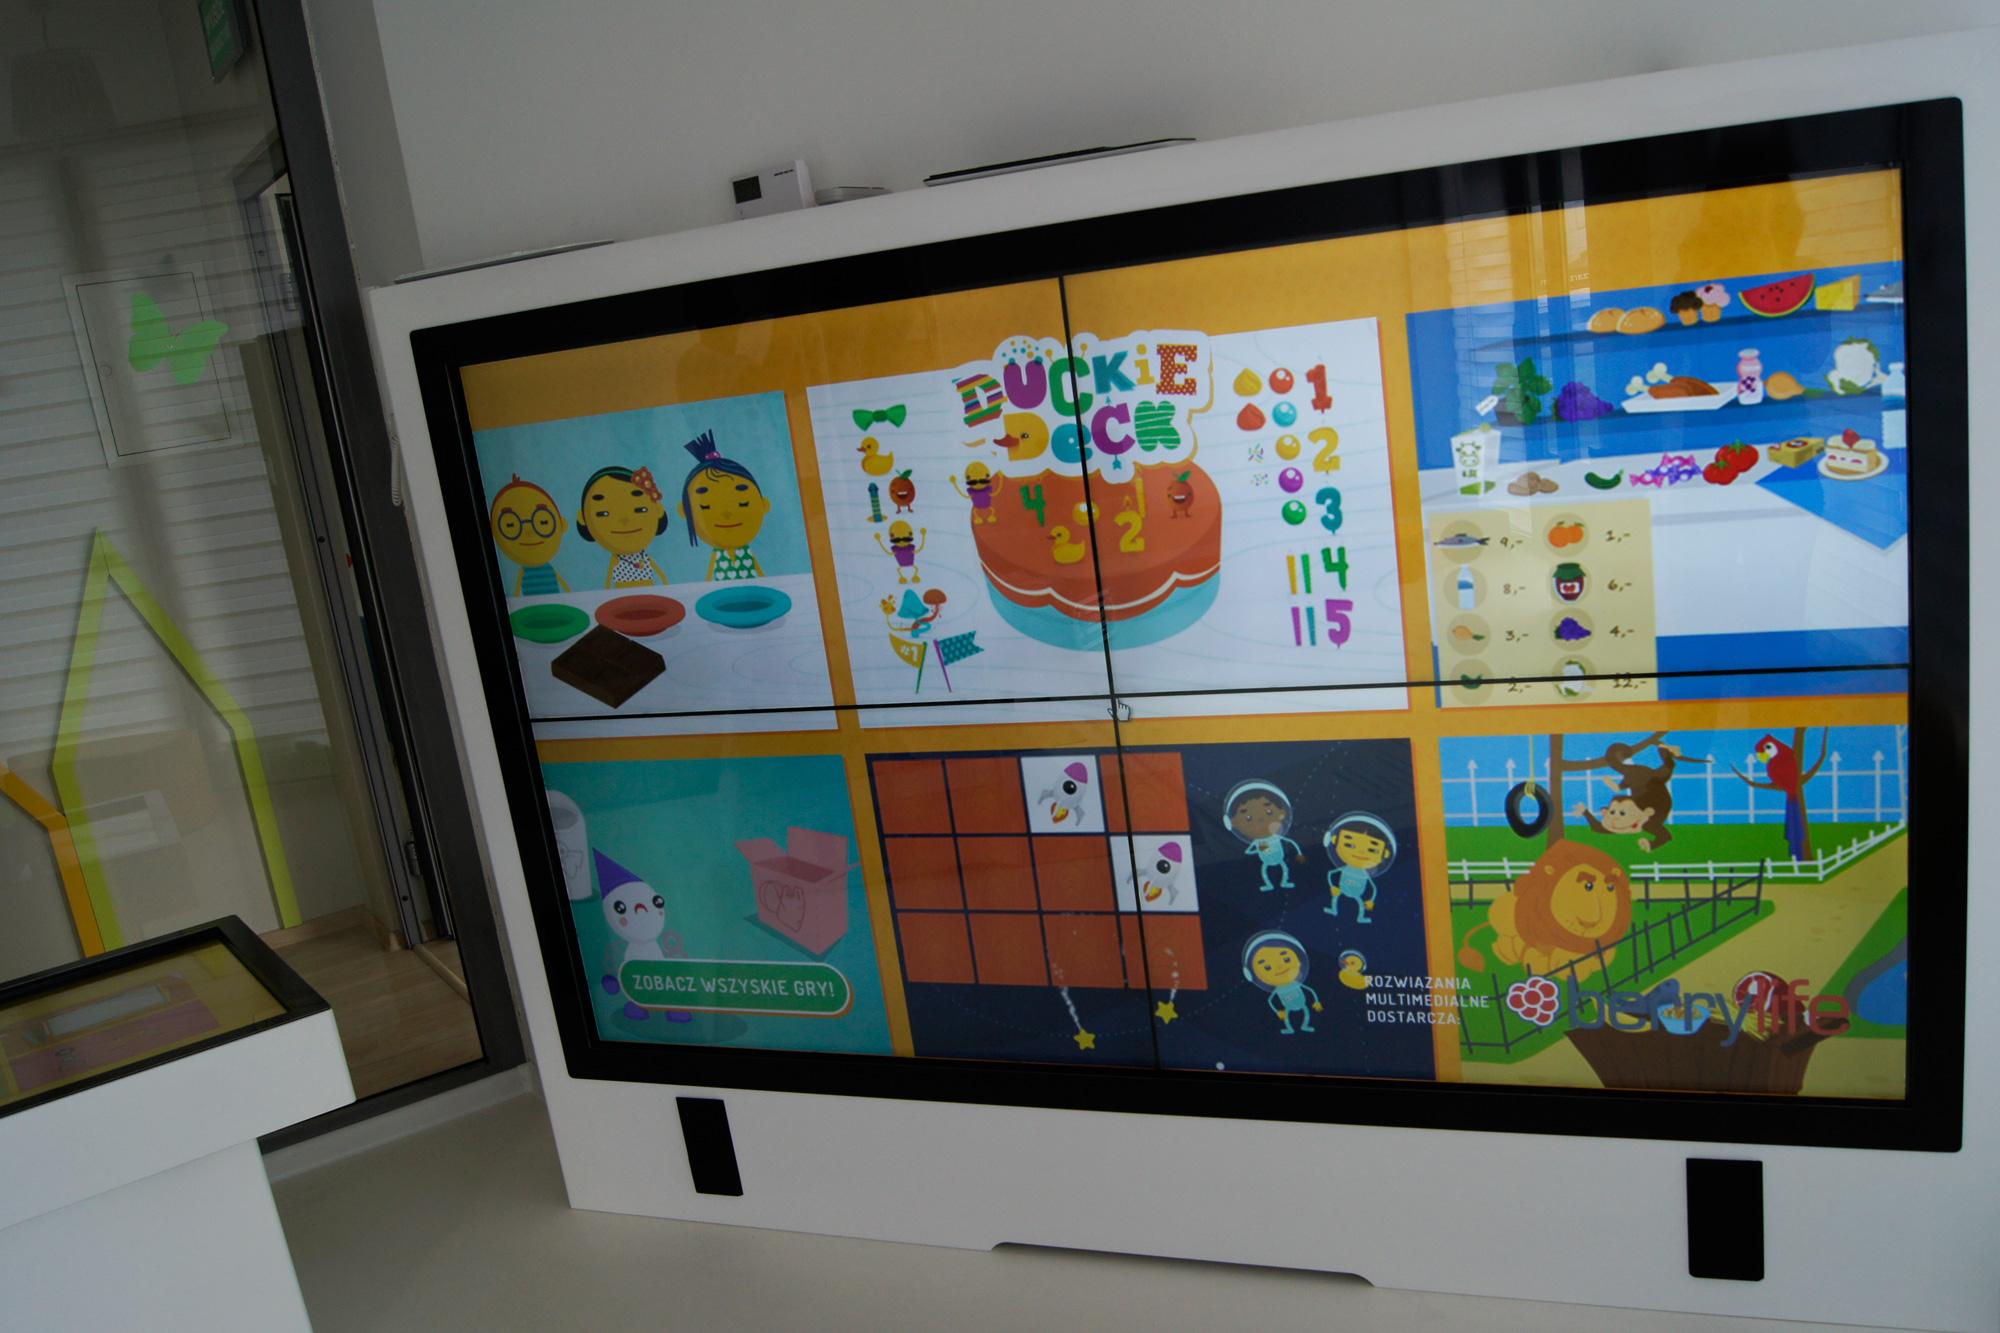 Niewiarygodnie Interaktywne sale dla dzieci BX51